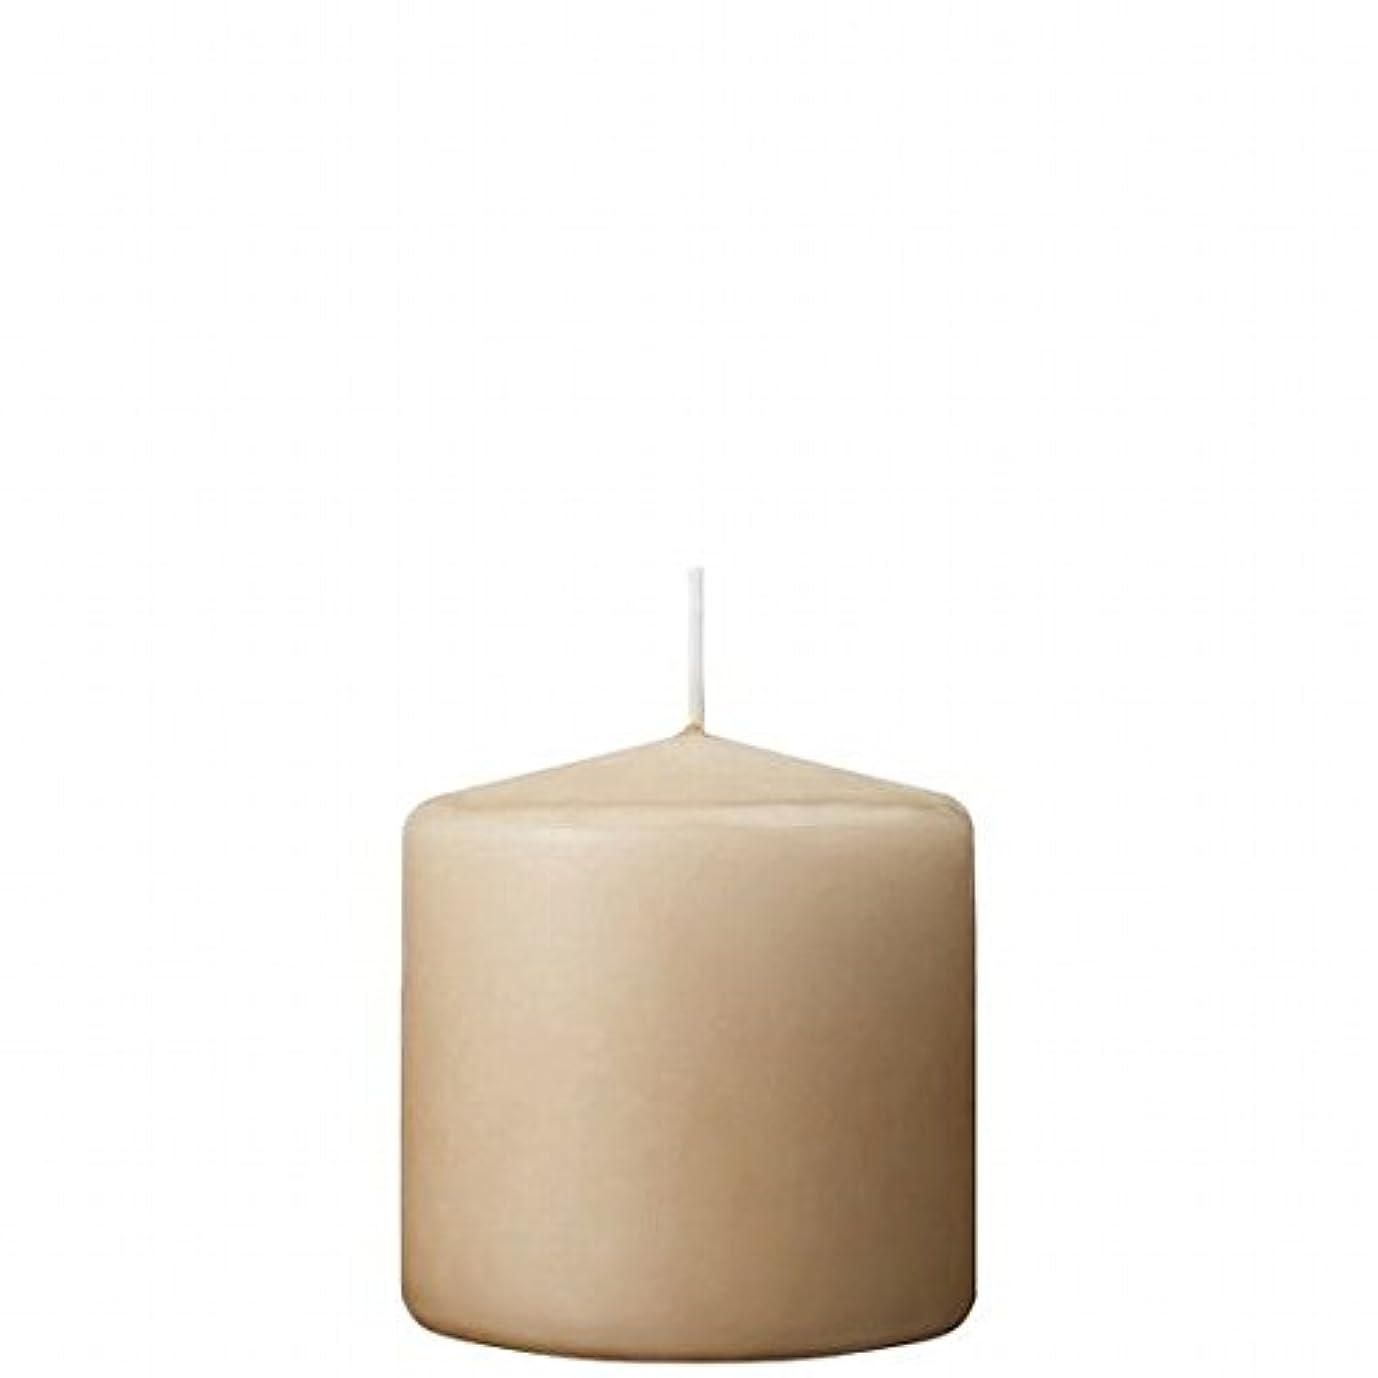 エピソード南アメリカ呪われたkameyama candle(カメヤマキャンドル) 3×3ベルトップピラーキャンドル 「 ベージュ 」(A9730000BG)